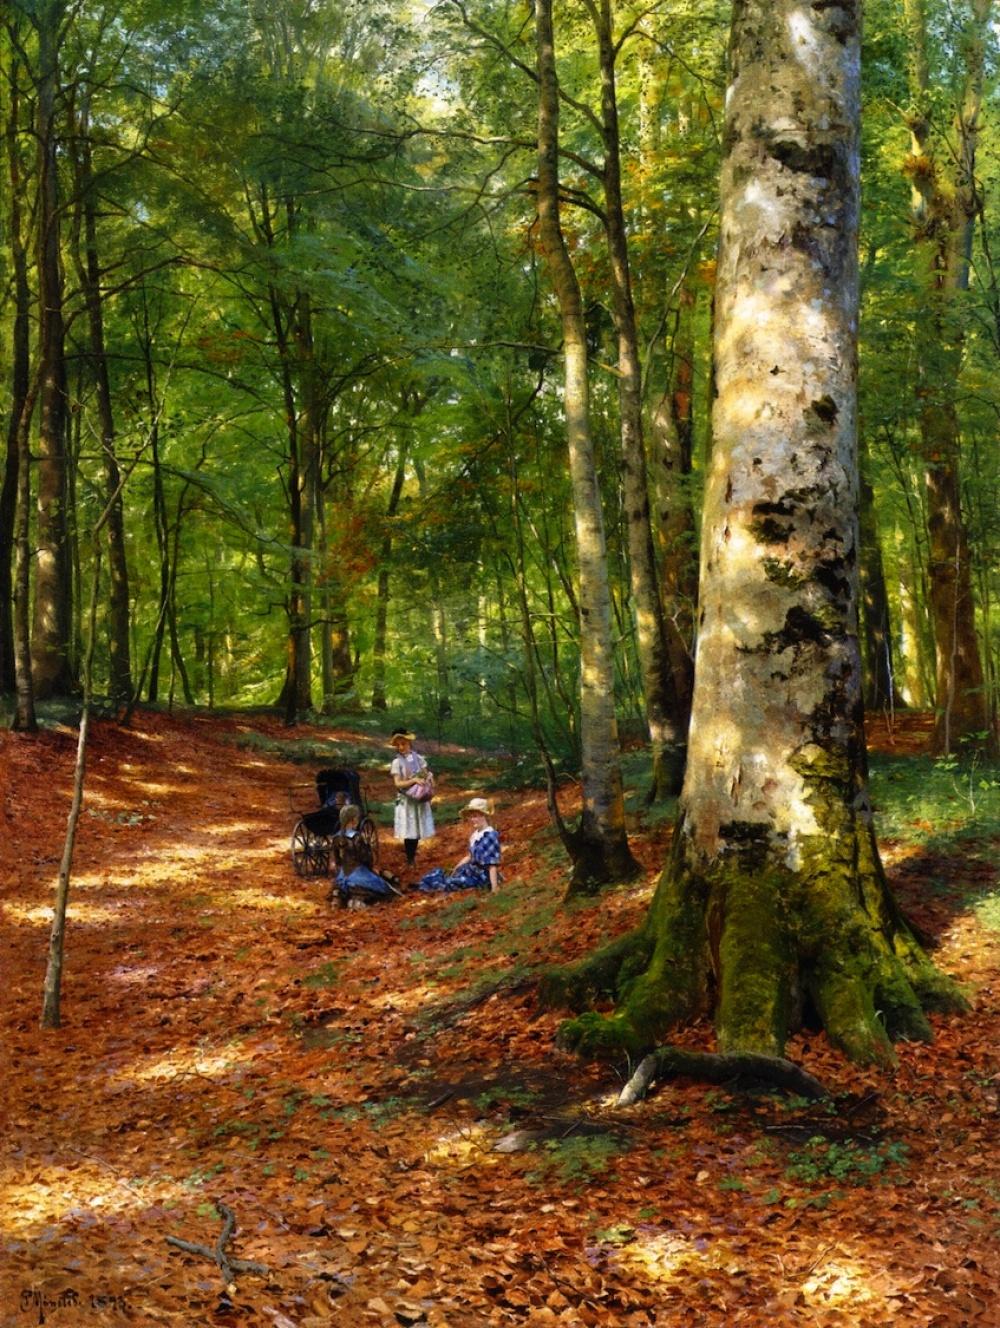 Петер Мёрк Мёнстед, известный художник-реалист изДании, чаще всего изображал насвоих картинах сель